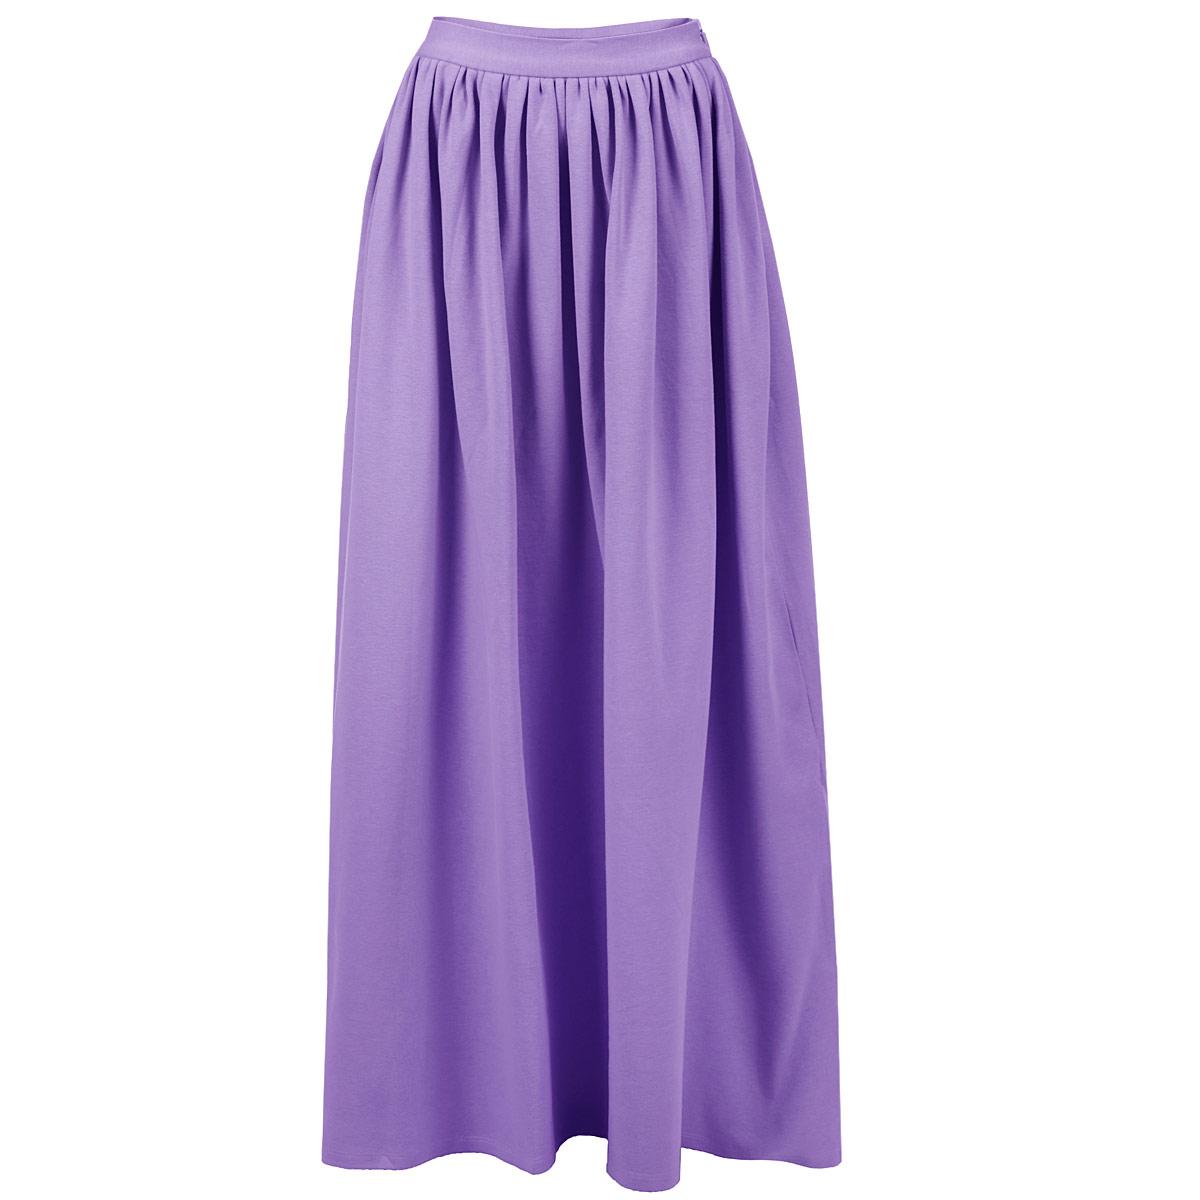 Юбка. U02T-WU02T-WМодная длинная юбка от Анны Чапман, изготовленная из высококачественного плотного хлопка, очень мягкая на ощупь, не раздражает кожу и хорошо вентилируется. Модель макси длины на широком поясе. Сбоку юбка застегивается на потайную молнию. Эффектная юбка позволит вам создать неповторимый женственный образ. В таком наряде вы, безусловно, привлечете восхищенные взгляды окружающих.